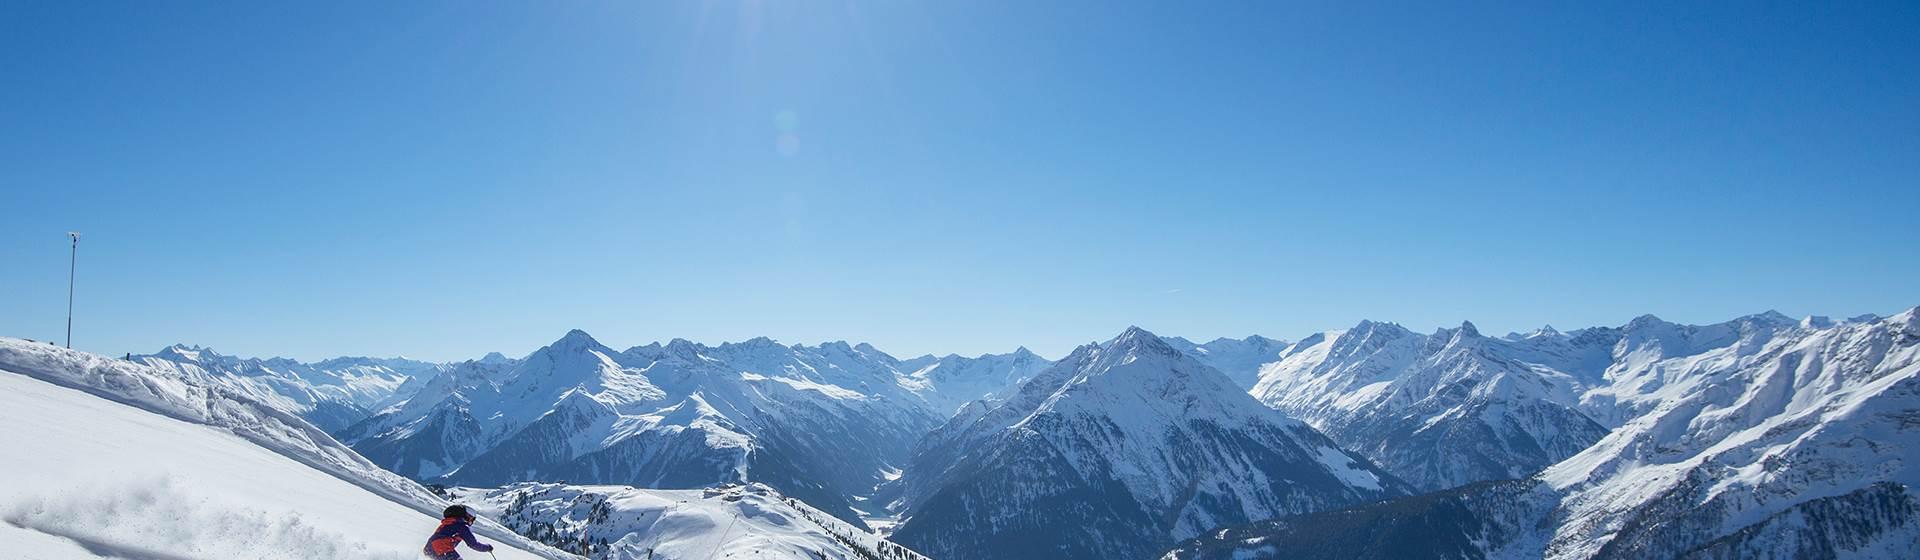 Sonnenskilauf-am-Hintertuxer-Gletscher